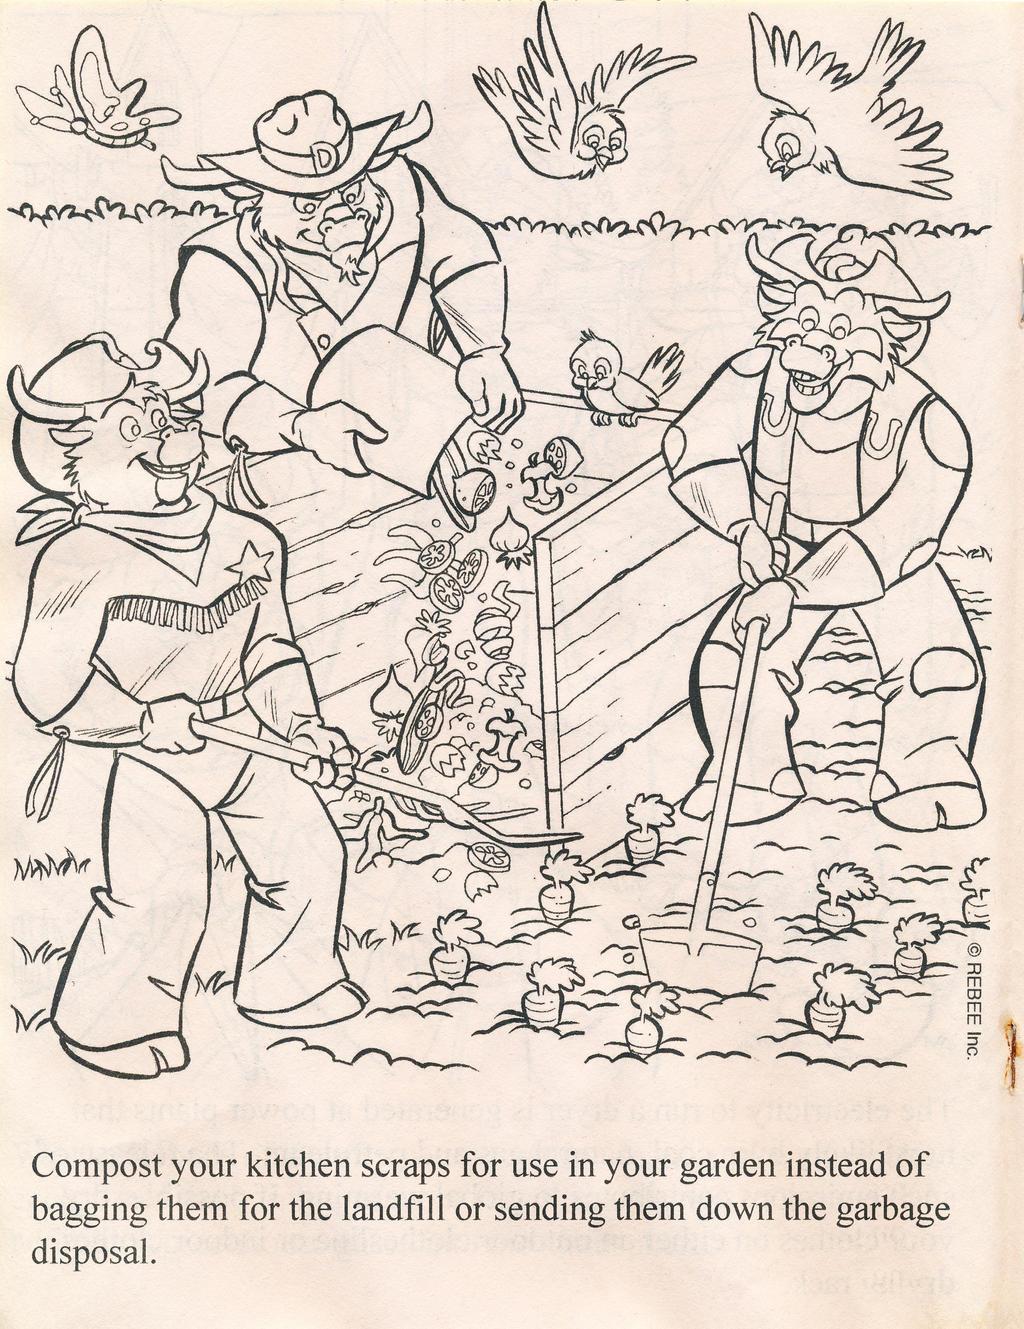 Moo Mesa Global Warming Book p8 by CCB-18